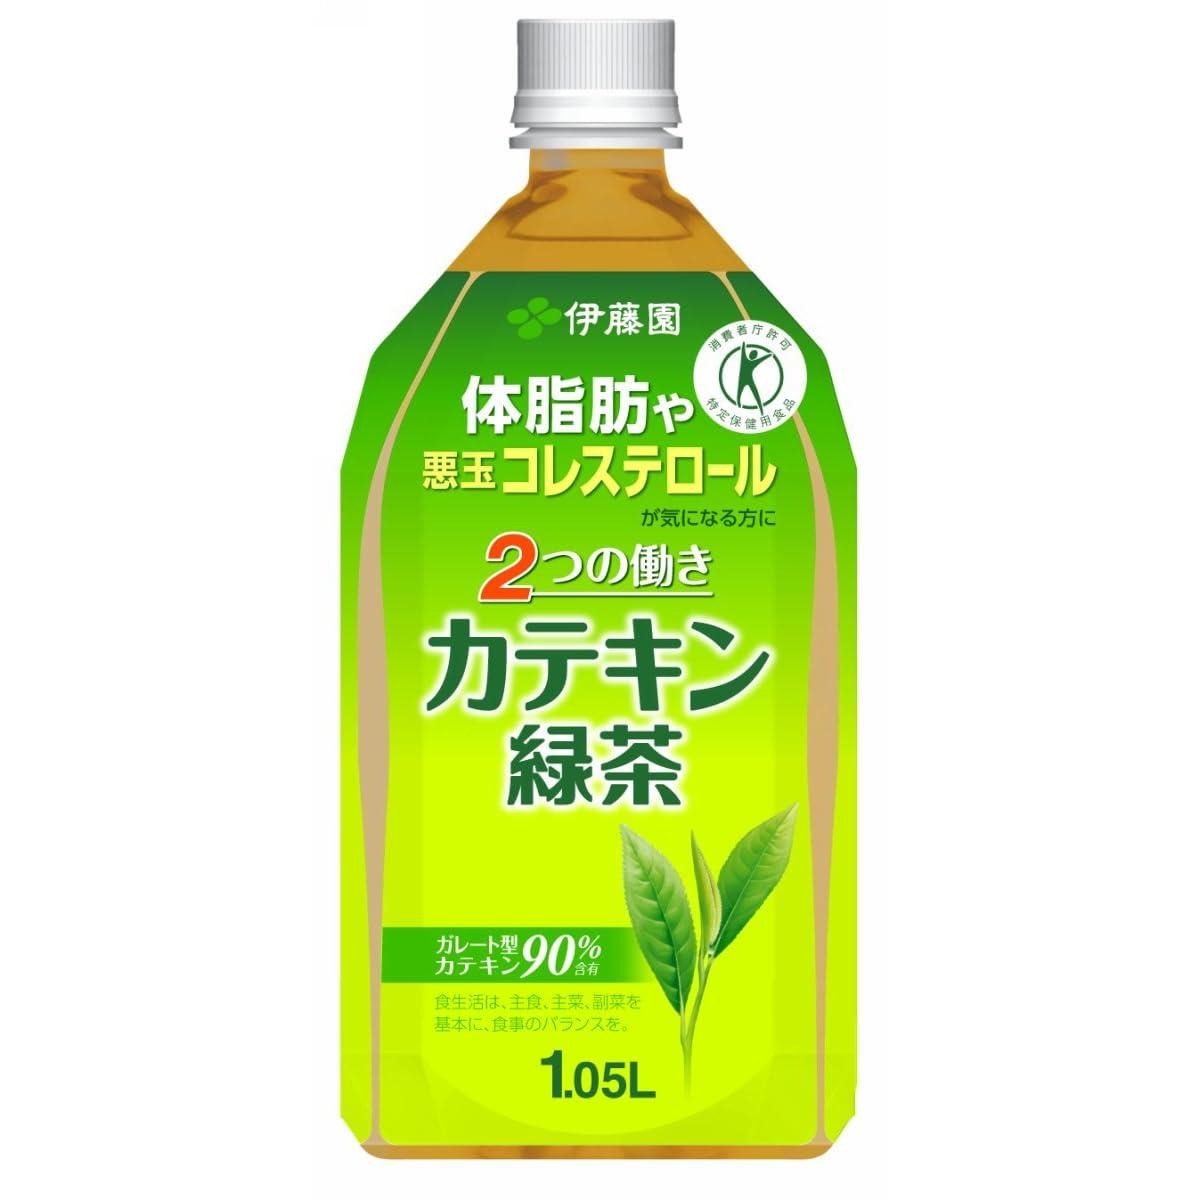 伊藤園 2つの働きカテキン緑茶 PET 1.05L×12本